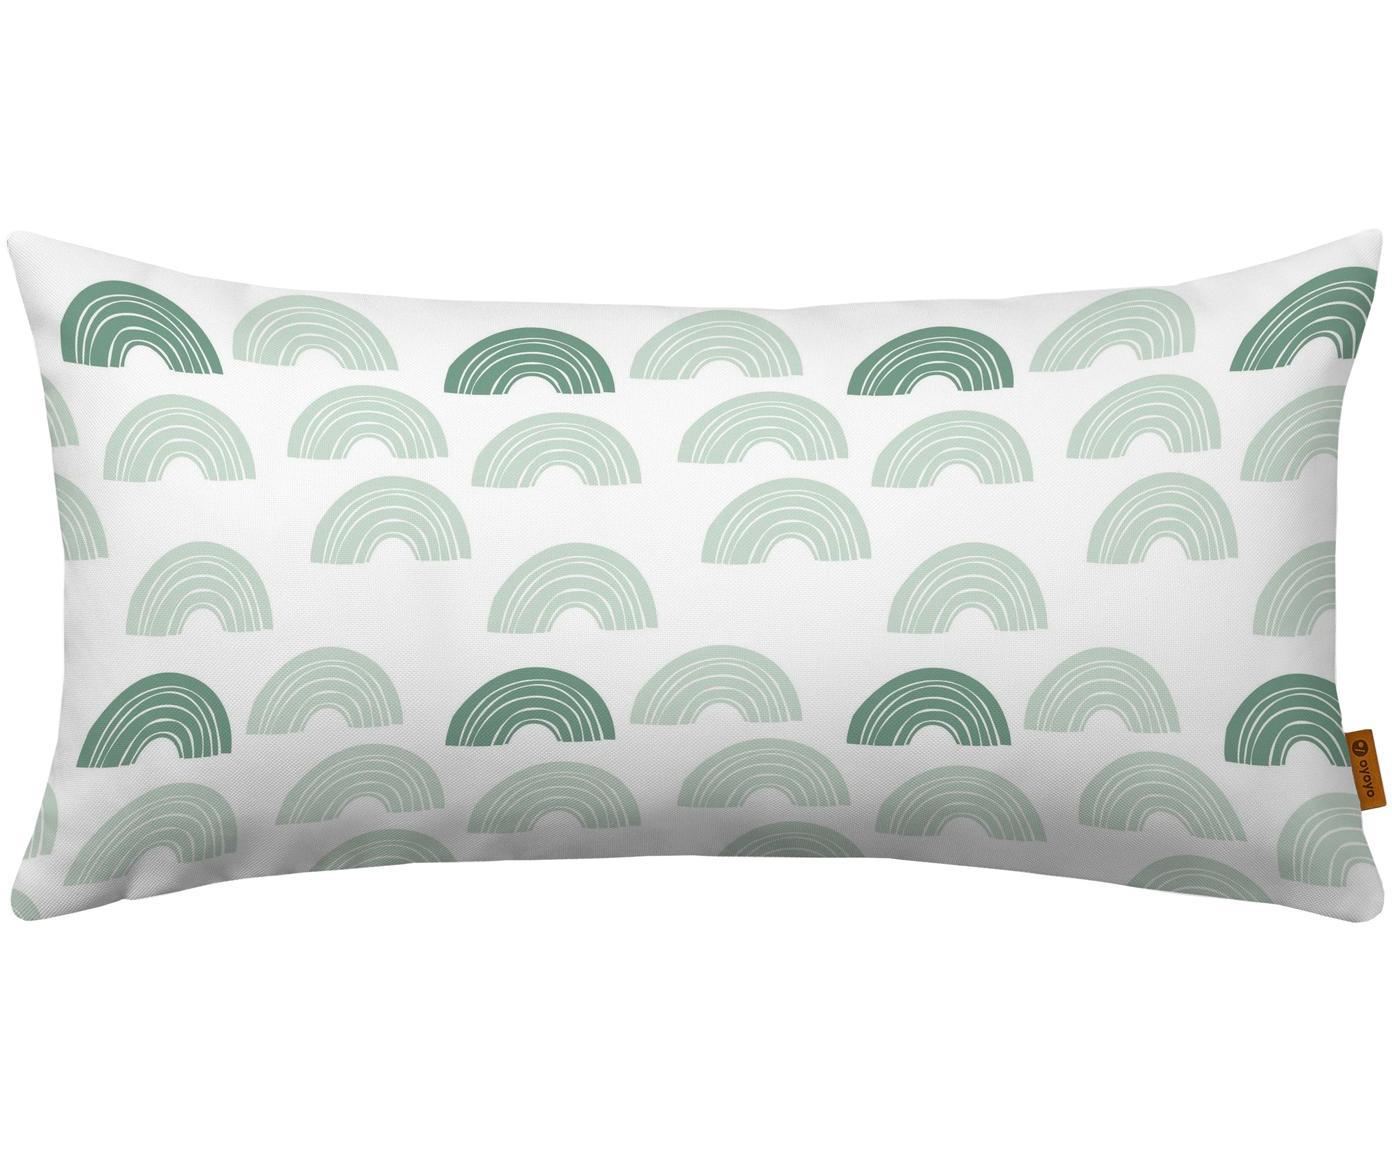 Poduszka Regenbogenträume, z wypełnieniem, Tapicerka: bawełna, Biały, zielony miętowy, zielony, S 30 x D 60 cm